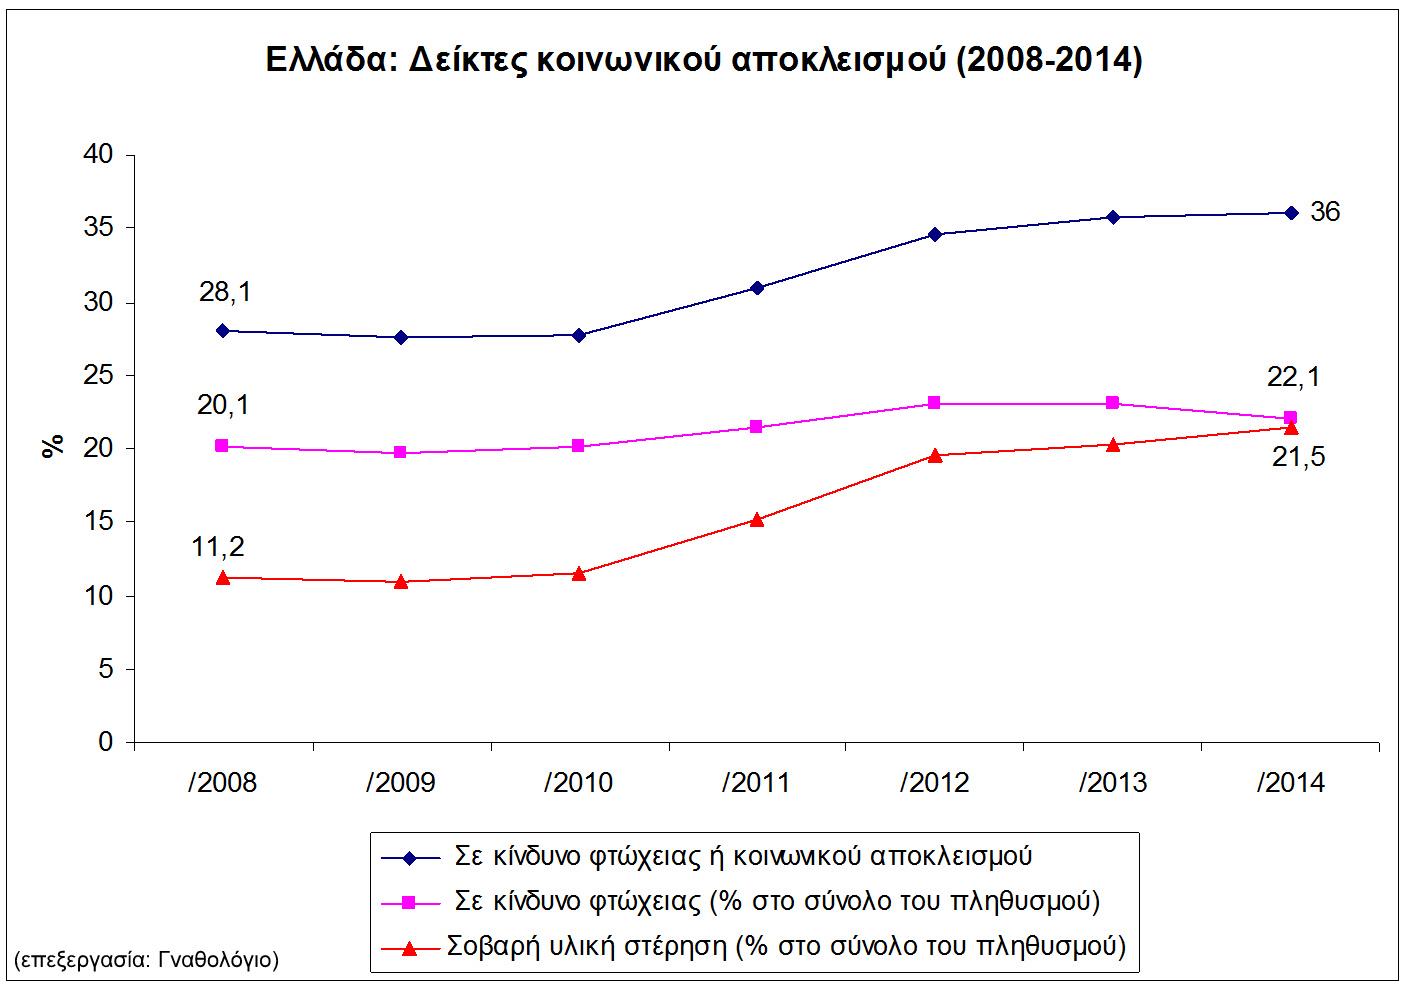 Γράφημα 1: Δείκτες κοινωνικού αποκλεισμού στην Ελλάδα από 2008-2014 (Στοιχεία eurostat)